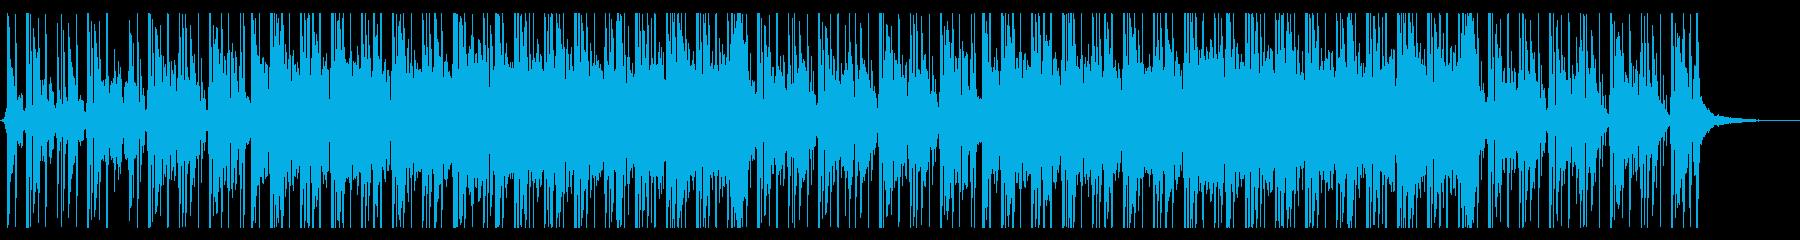 切なさのあるヒップホップなリズムのEDMの再生済みの波形